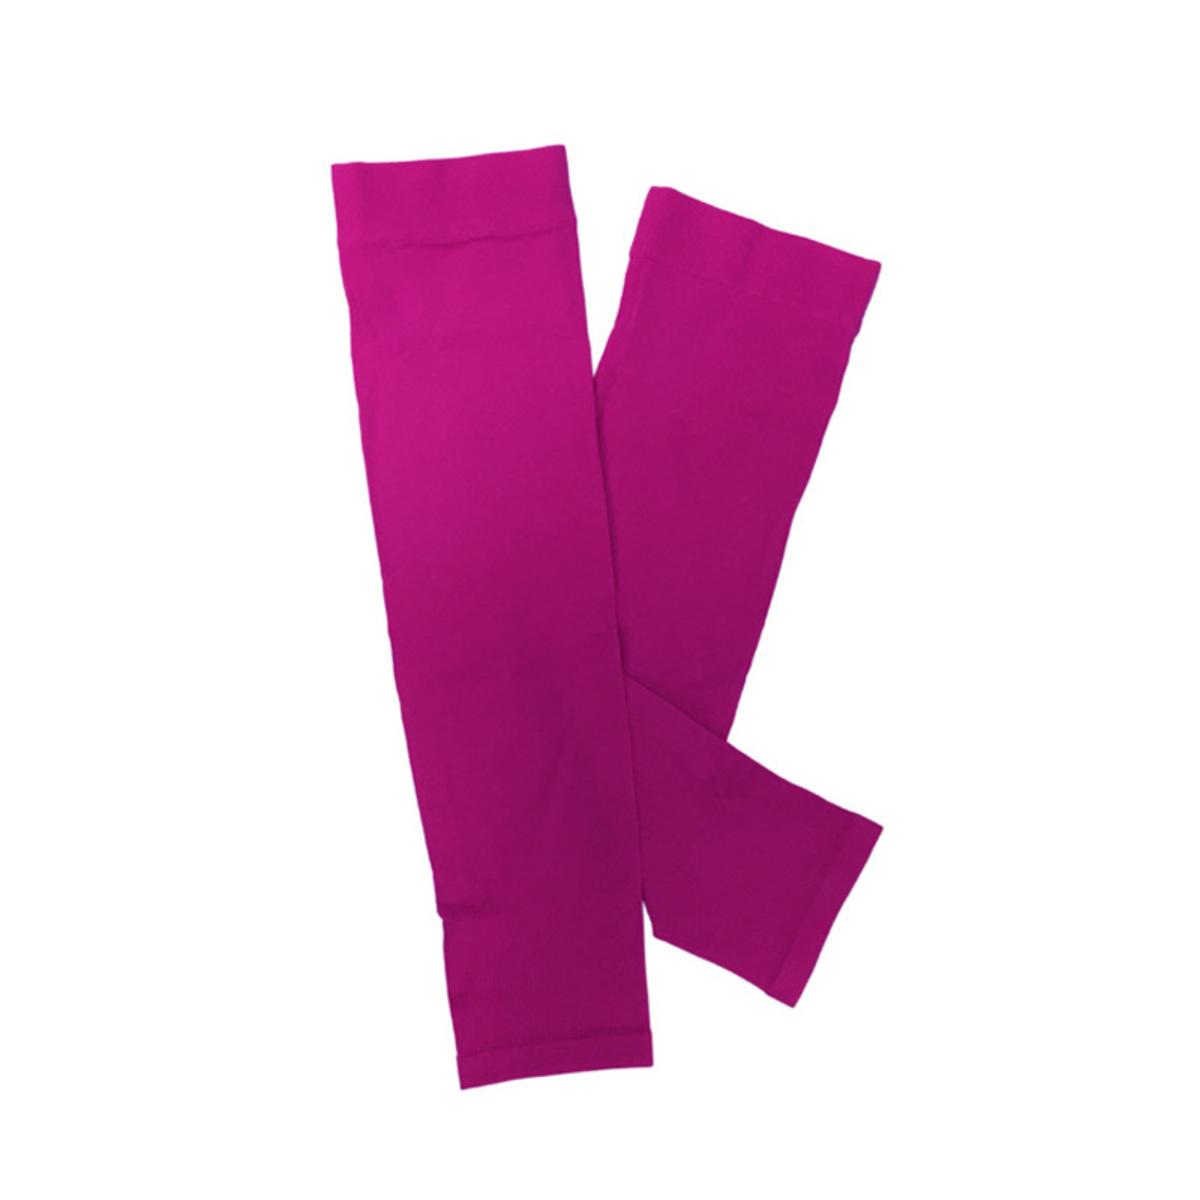 防曬手袖 - 粉紅色